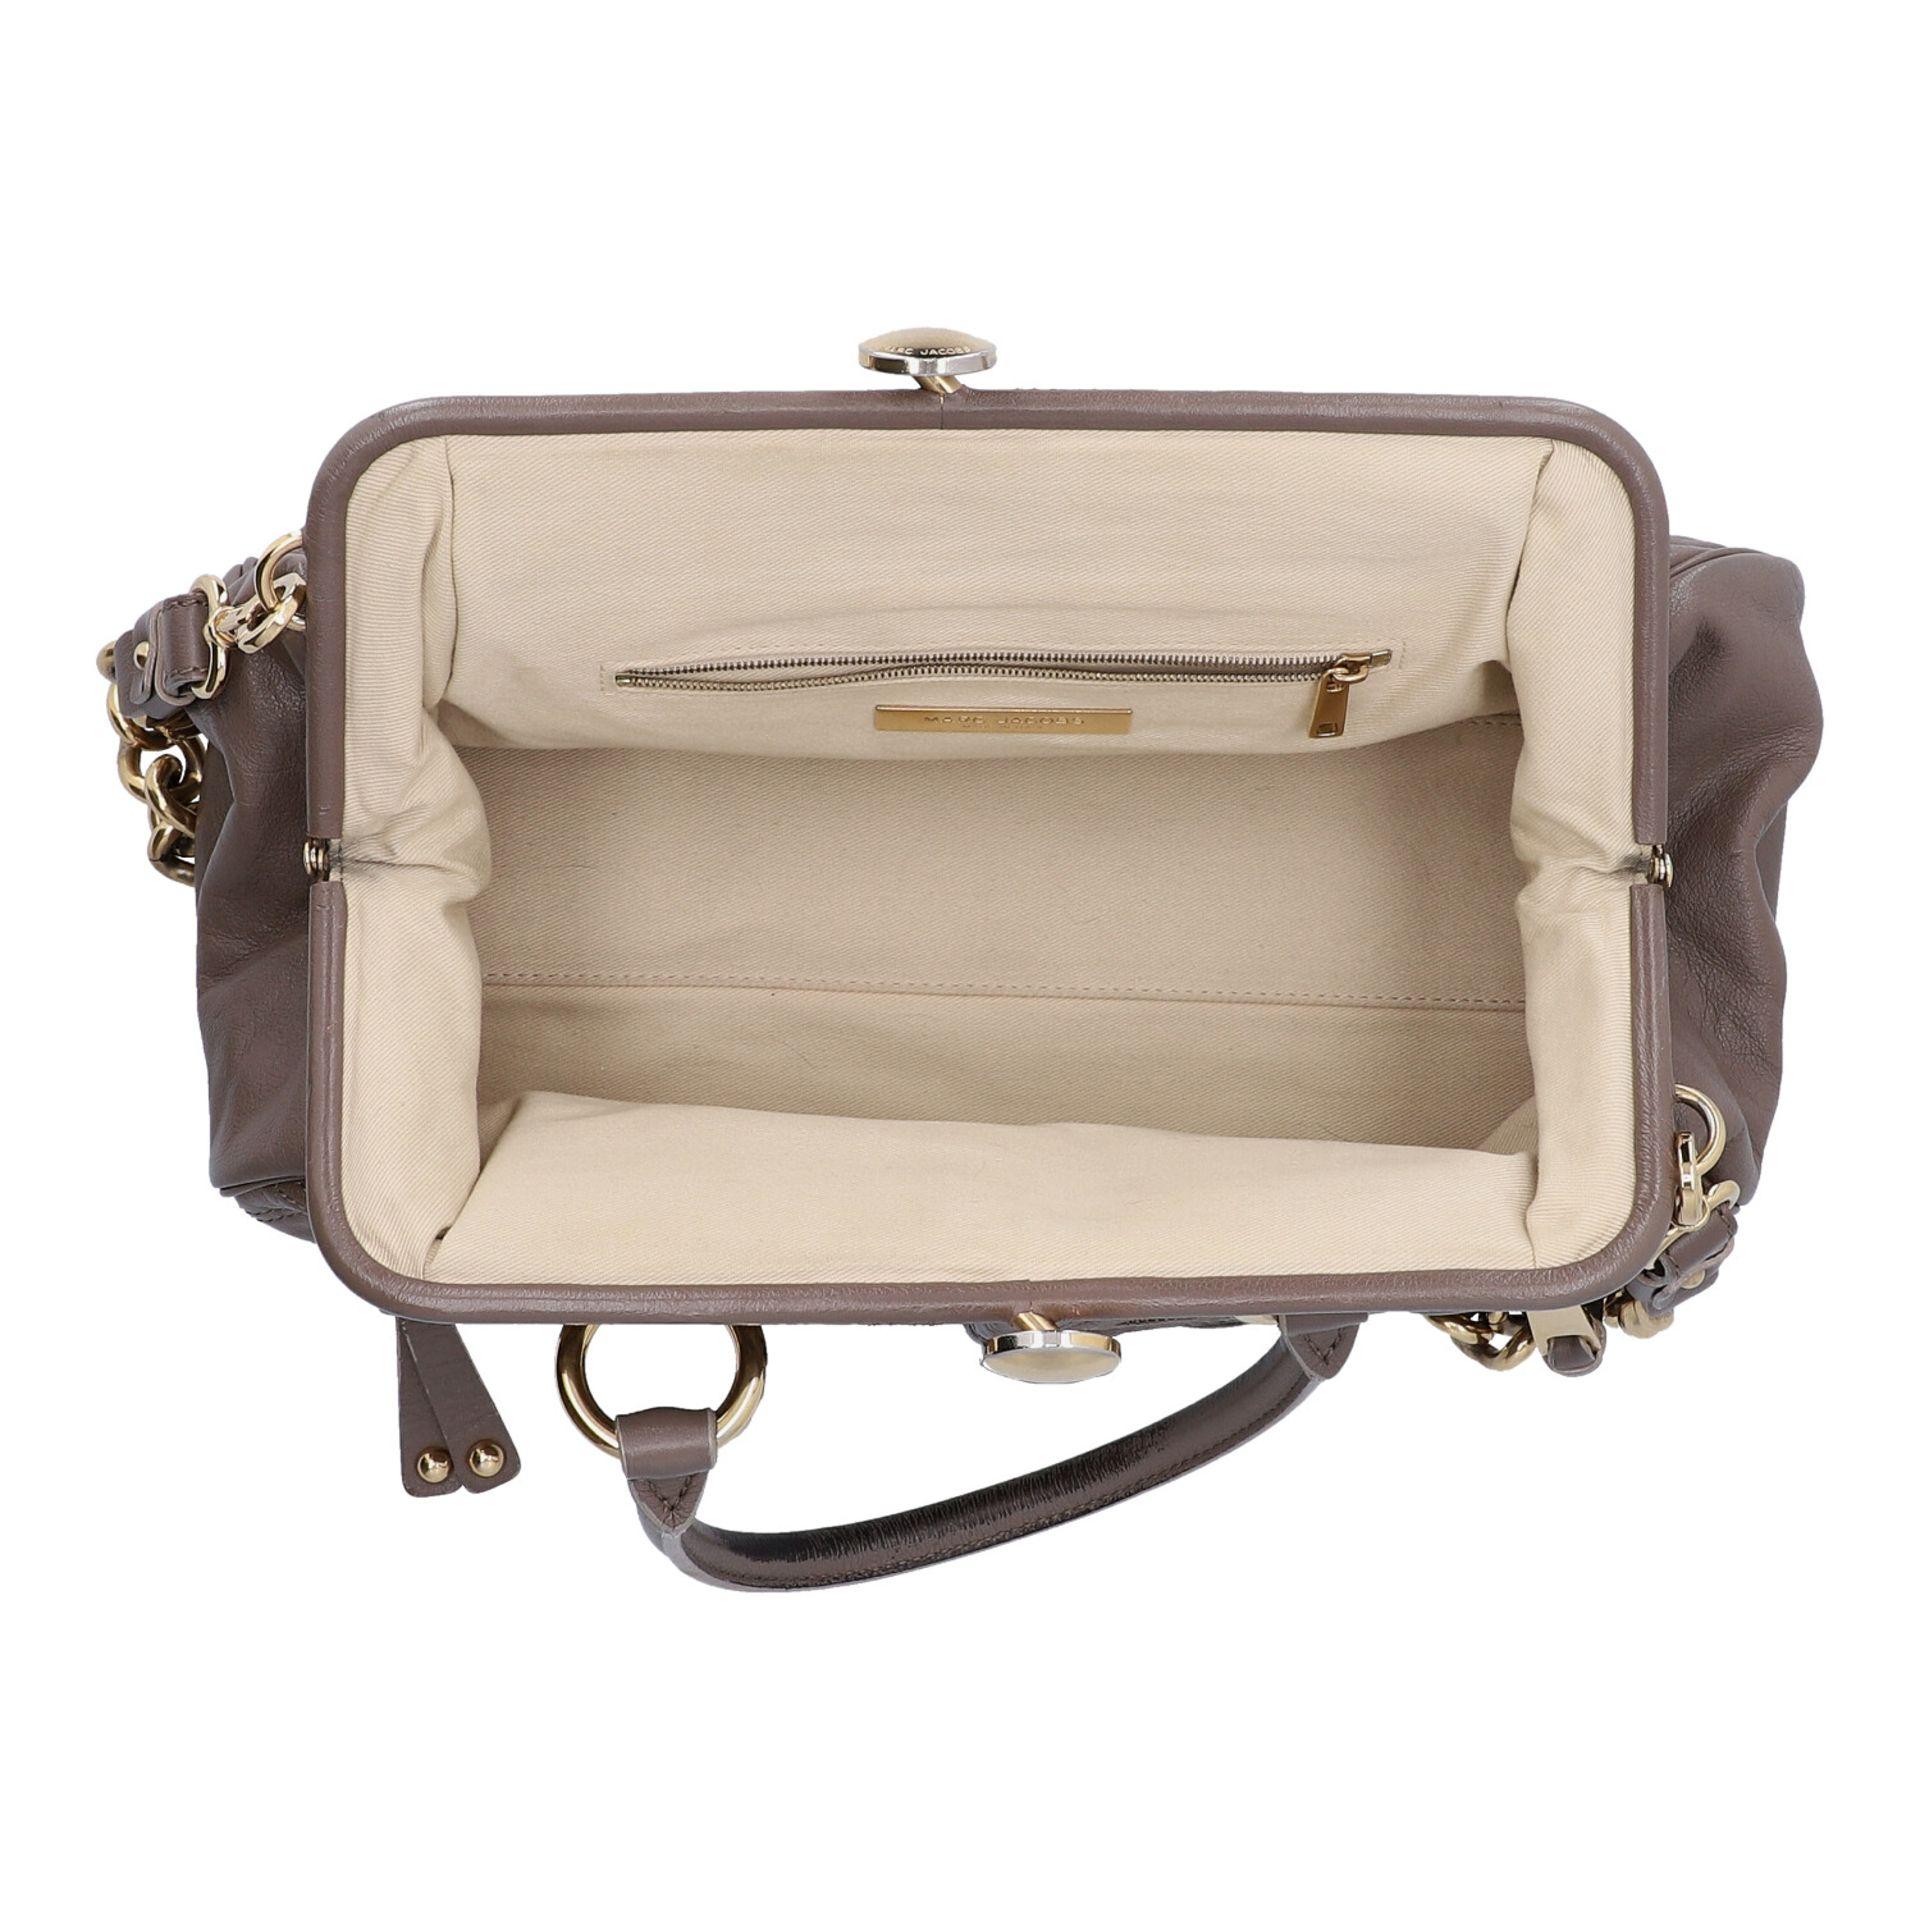 MARC JACOBS Handtasche. Leder in Elefantengrau mit goldfarbener Hardware und Rautenste - Image 6 of 8